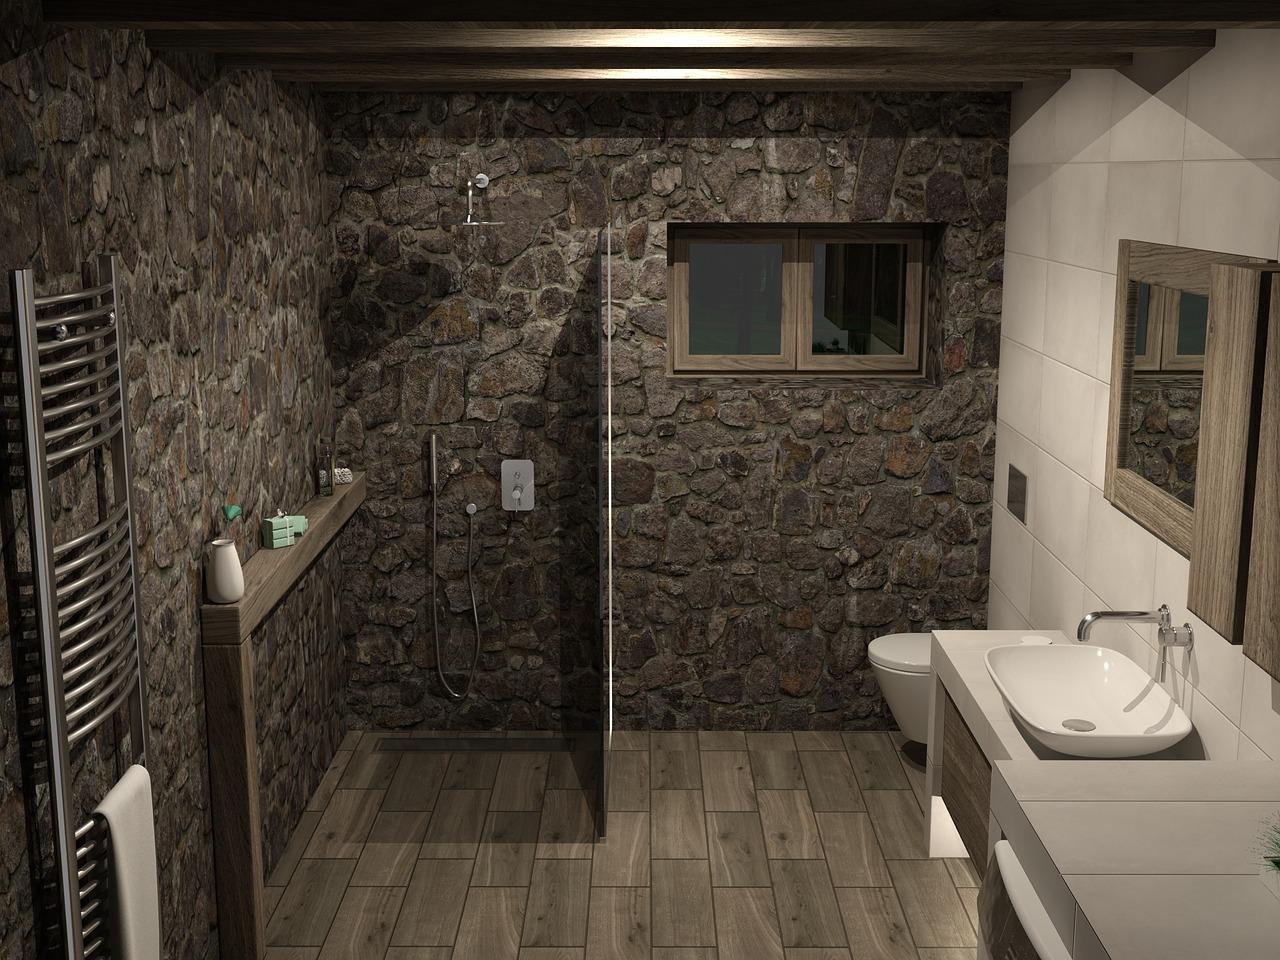 Bagno Esterno Realizzare : Dove e come ricavare un secondo bagno in casa